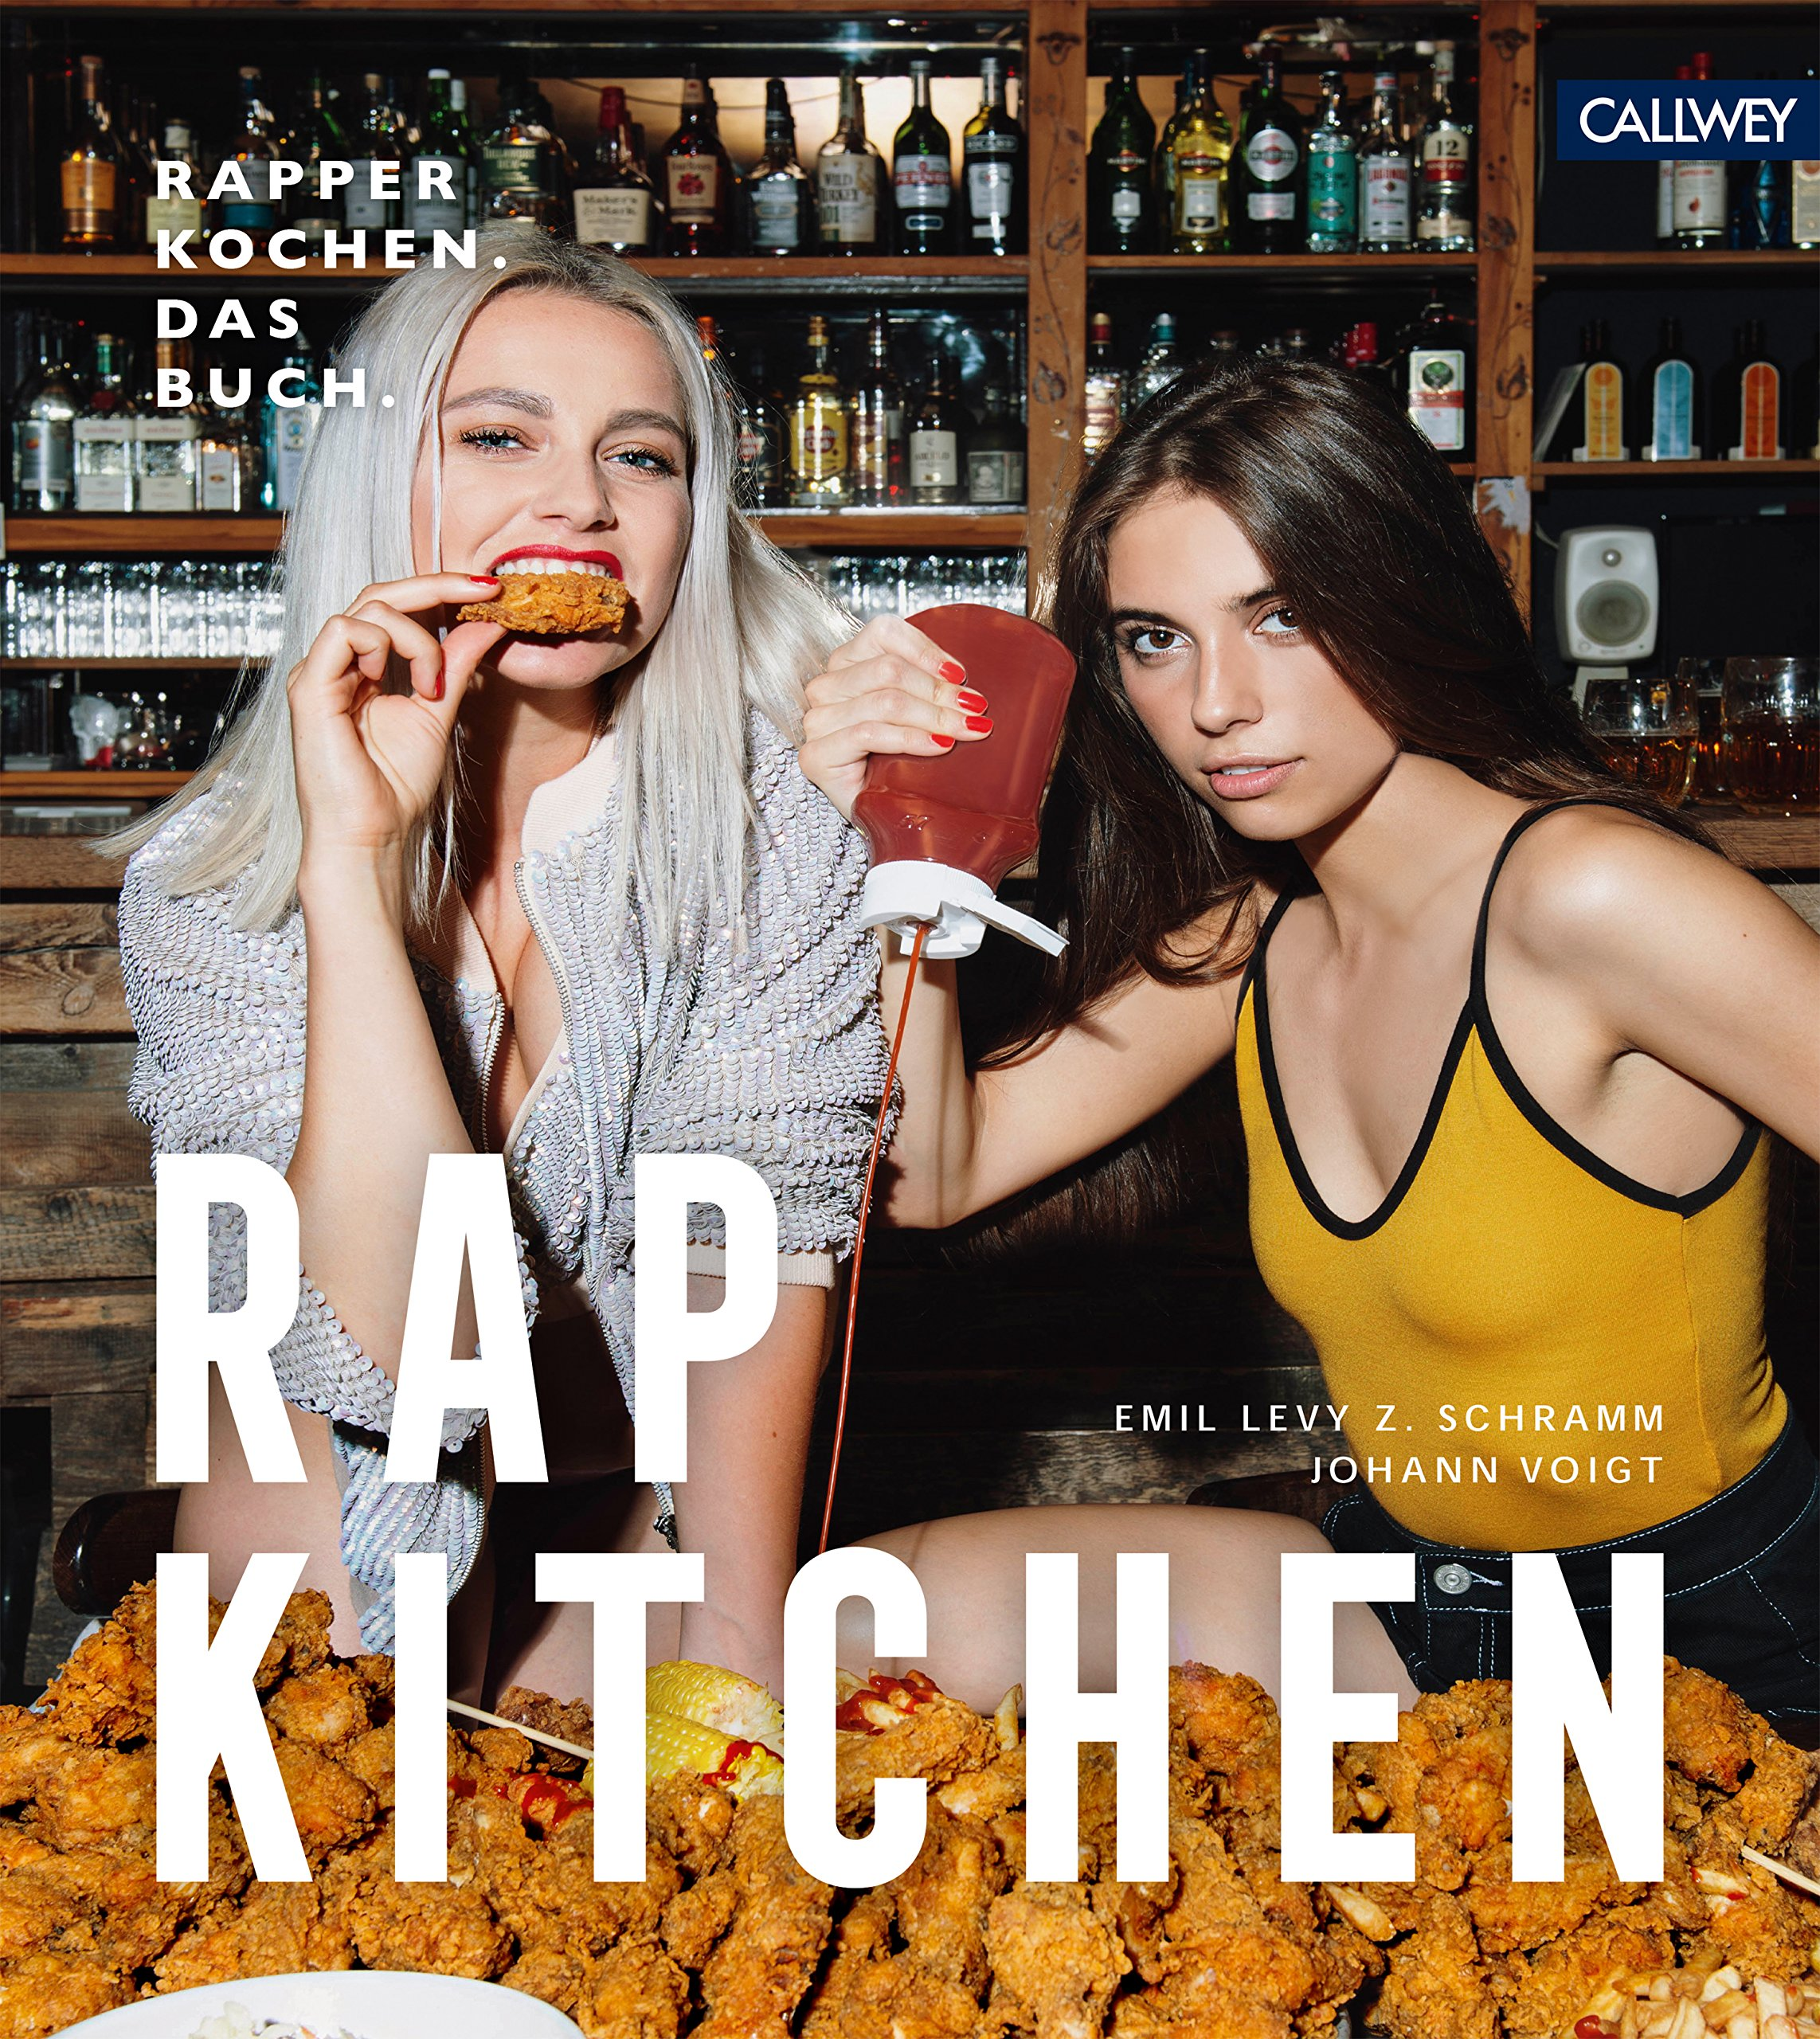 Rap Kitchen: Rapper kochen. Das Buch. Gebundenes Buch – 8. September 2018 Walk This Way Records Johann Voigt Emil Levy Z. Schramm Callwey